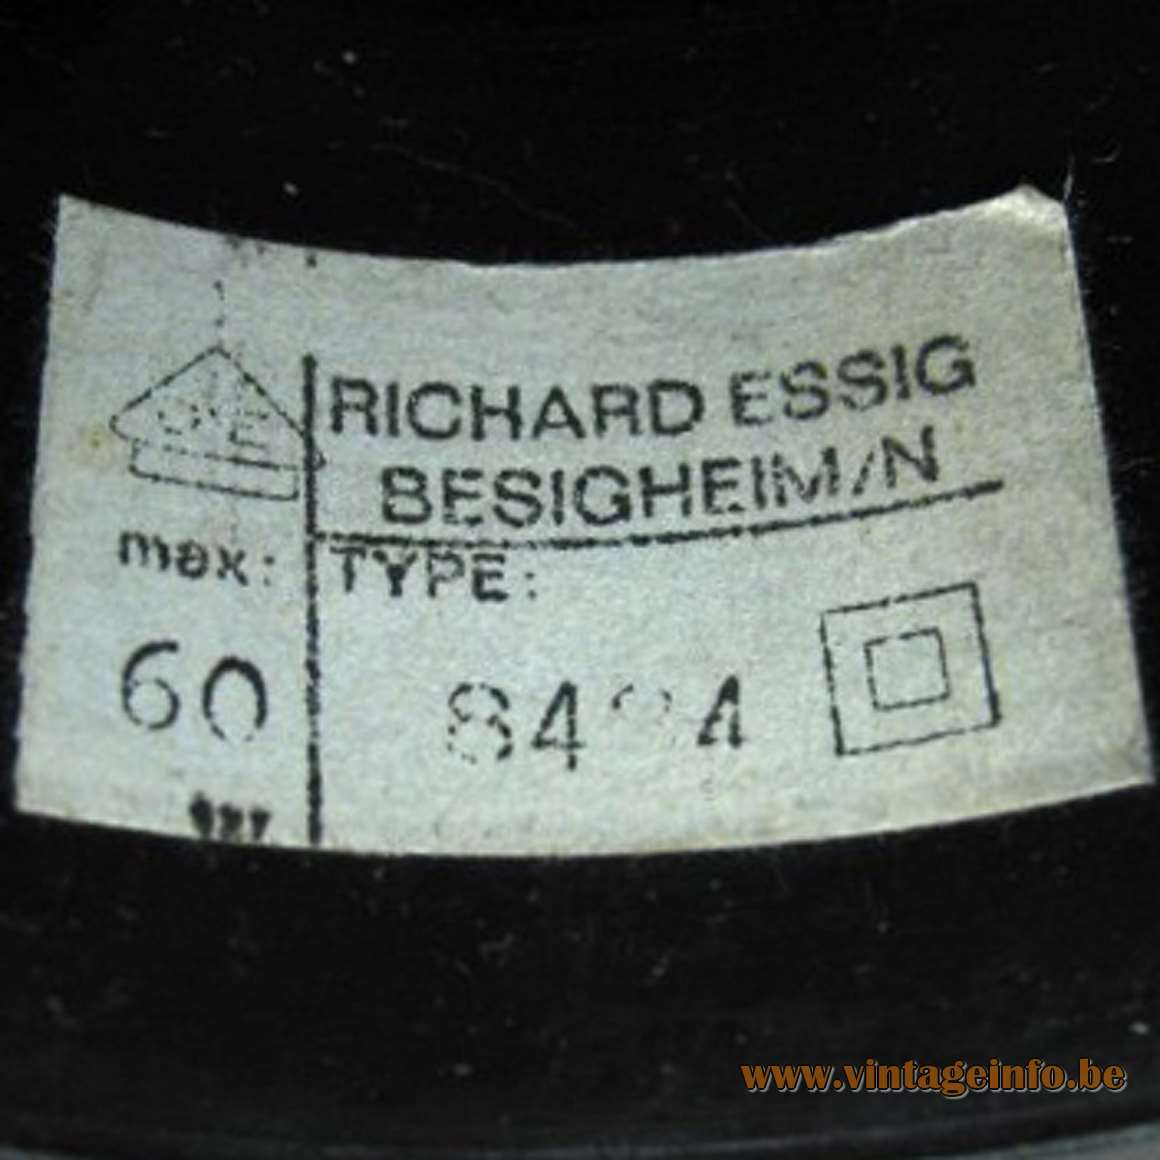 Richard Essig Besigheim Label